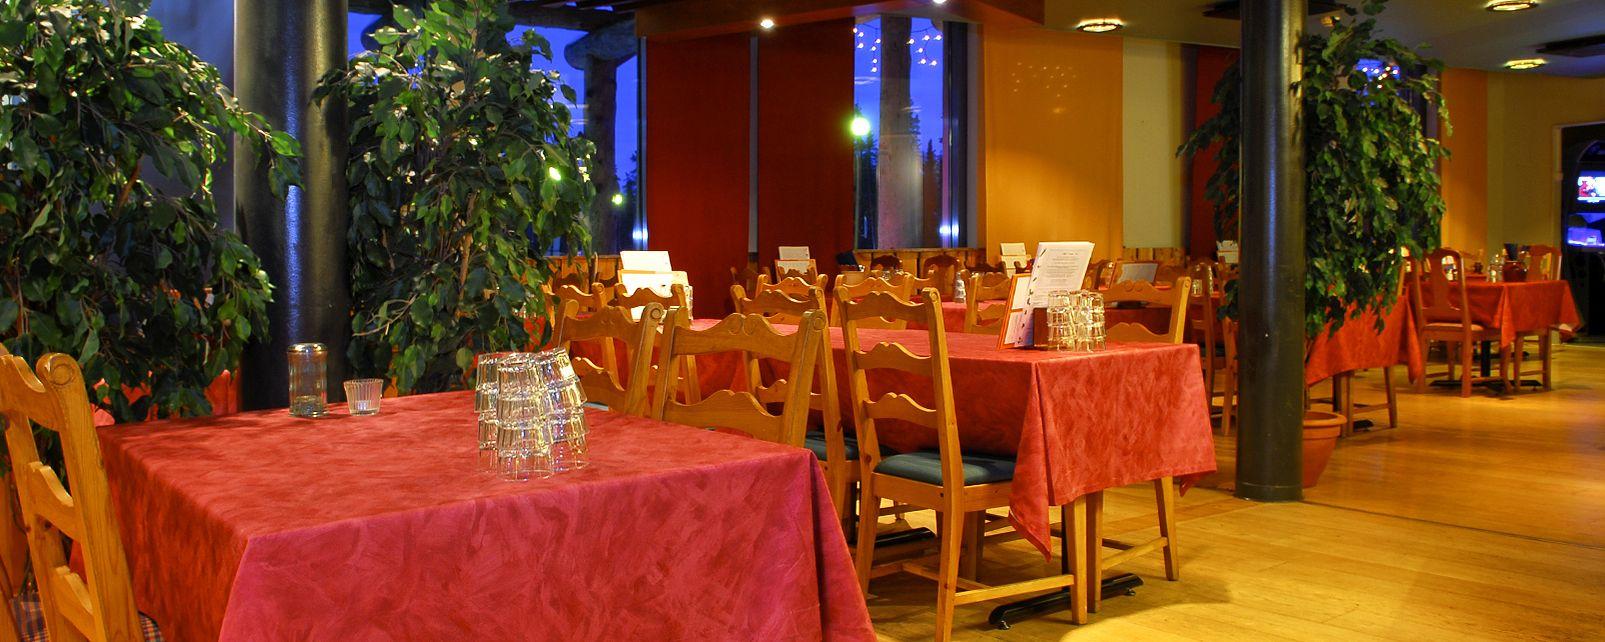 Hotel LUOSTOTUNTURI